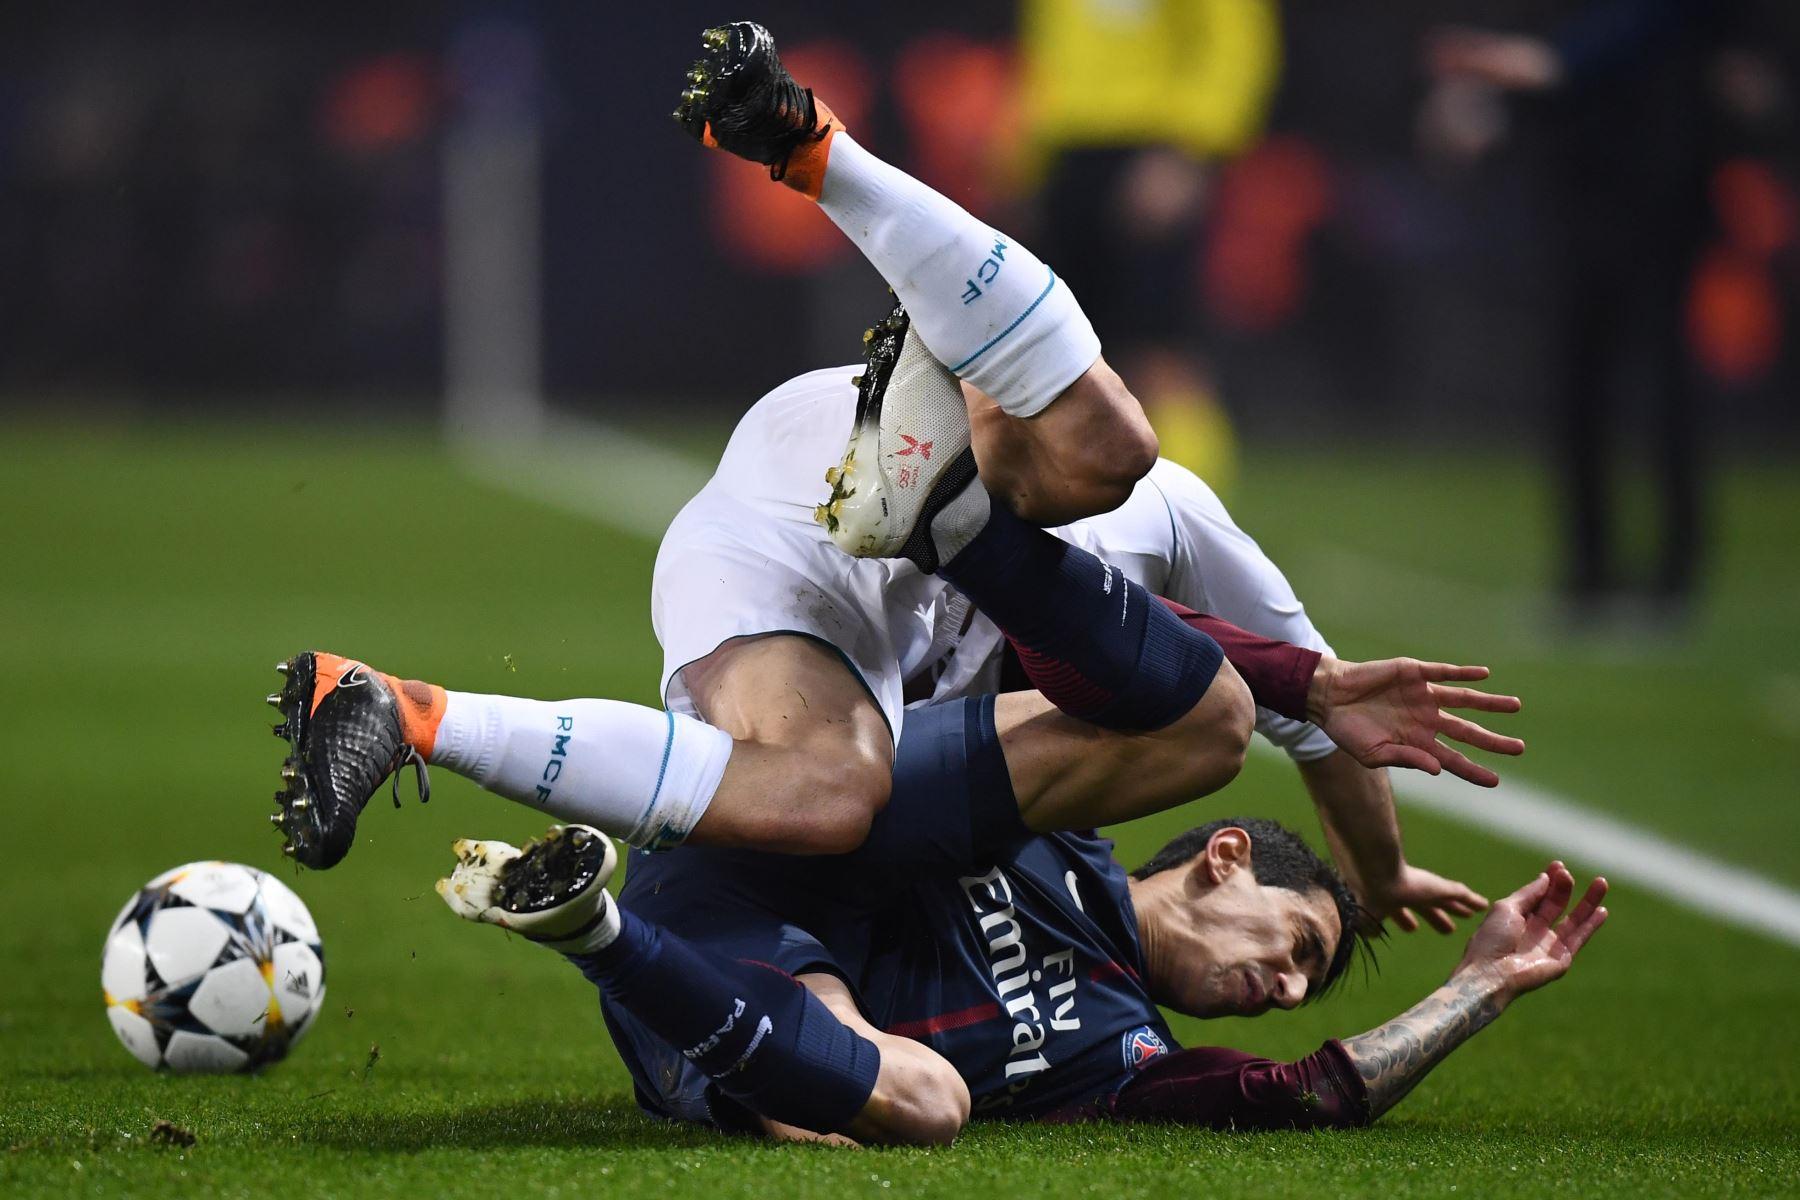 El defensa español del Real Madrid Dani Carvajal cae sobre el delantero argentino del Paris Saint-Germain Angel Di Maria. Foto: AFP